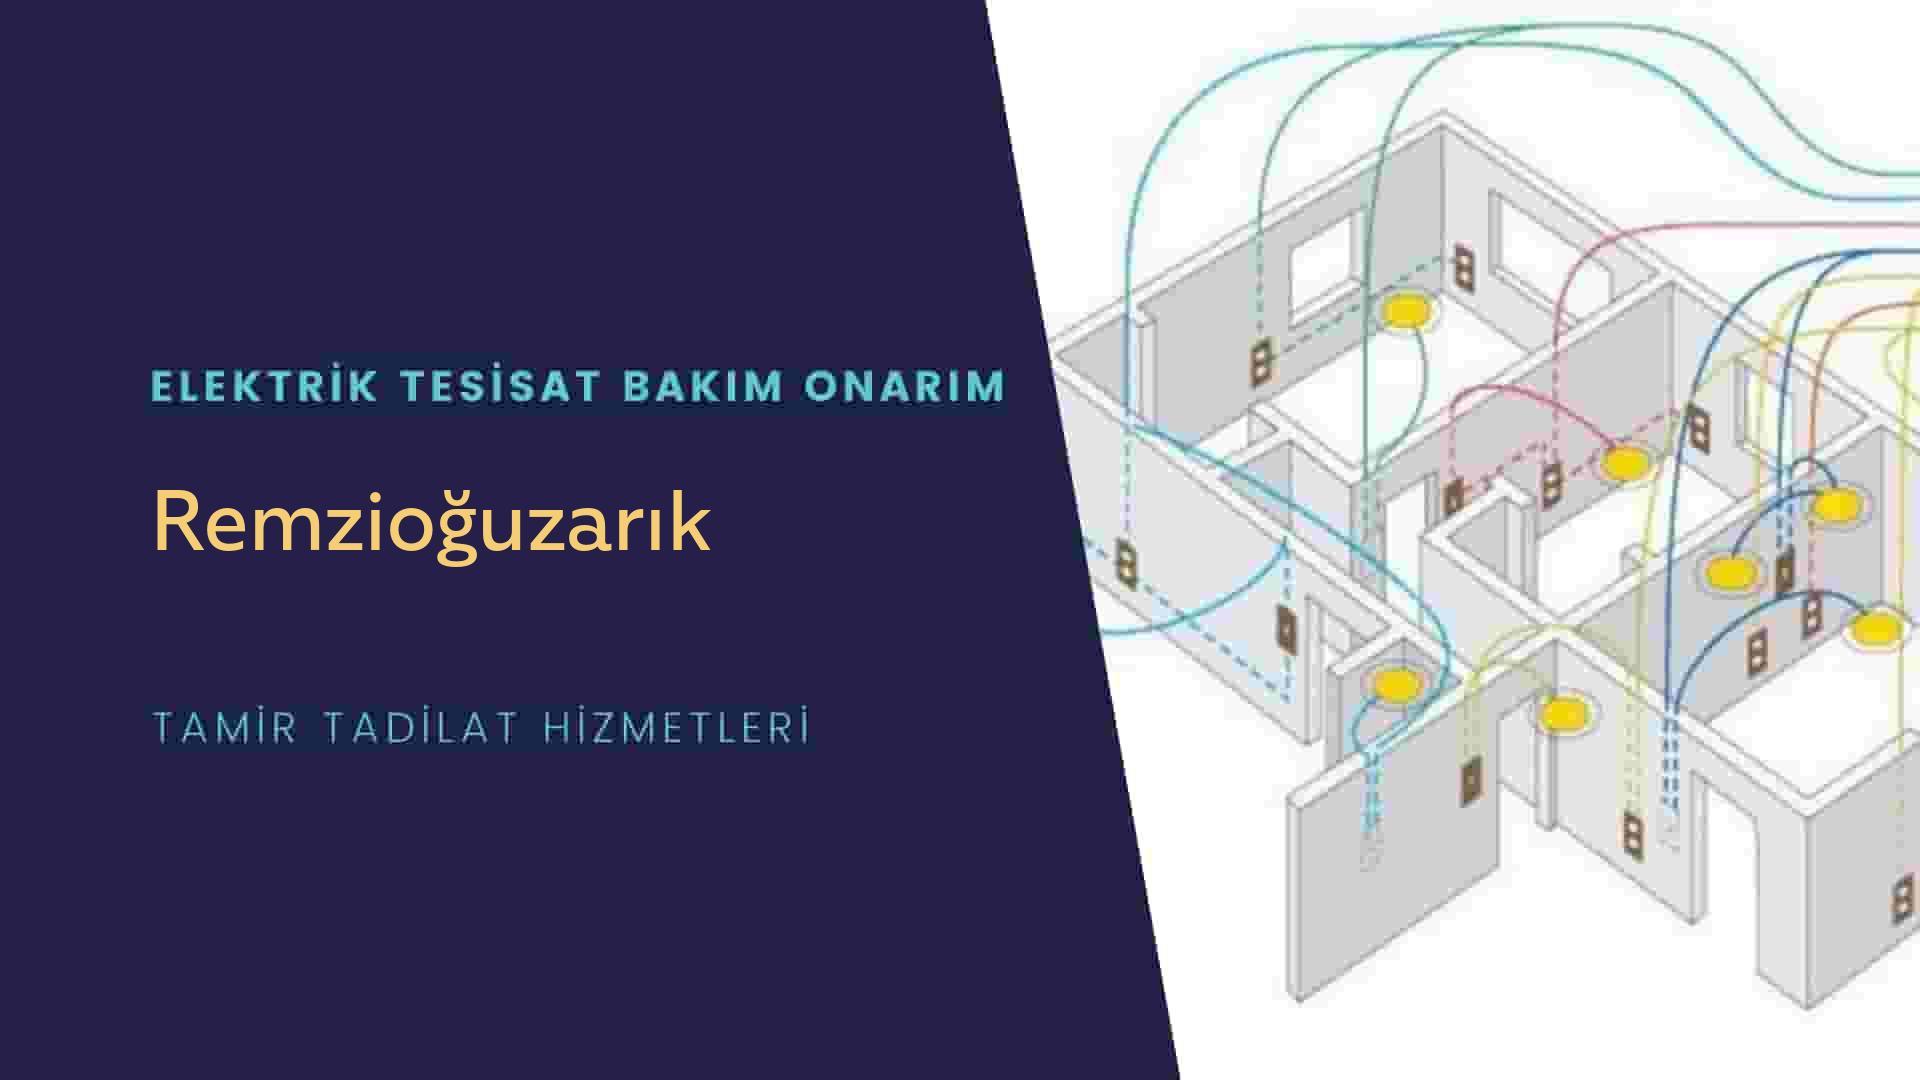 Remzioğuzarık  elektrik tesisatıustalarımı arıyorsunuz doğru adrestenizi Remzioğuzarık elektrik tesisatı ustalarımız 7/24 sizlere hizmet vermekten mutluluk duyar.